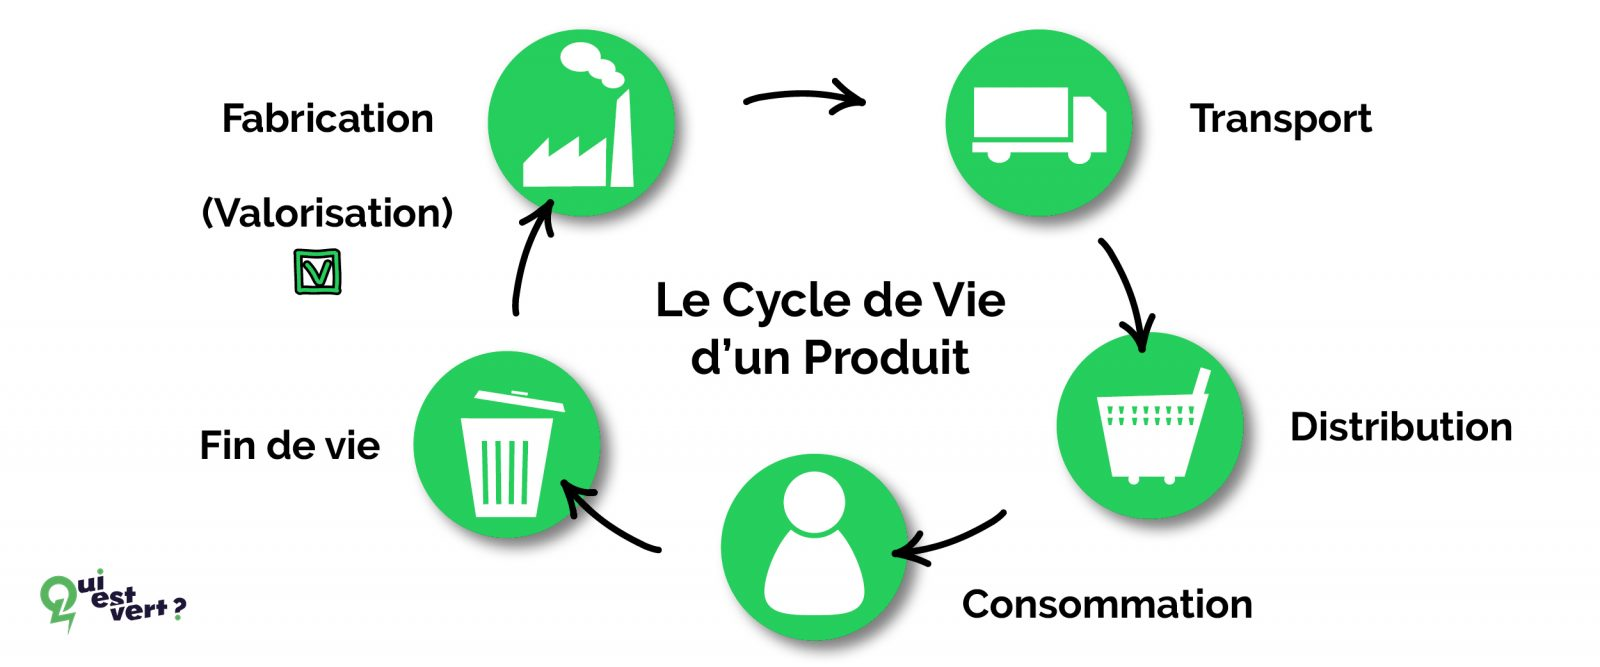 Comment s'articule le cycle de vie d'un produit ou d'un bien de consommation